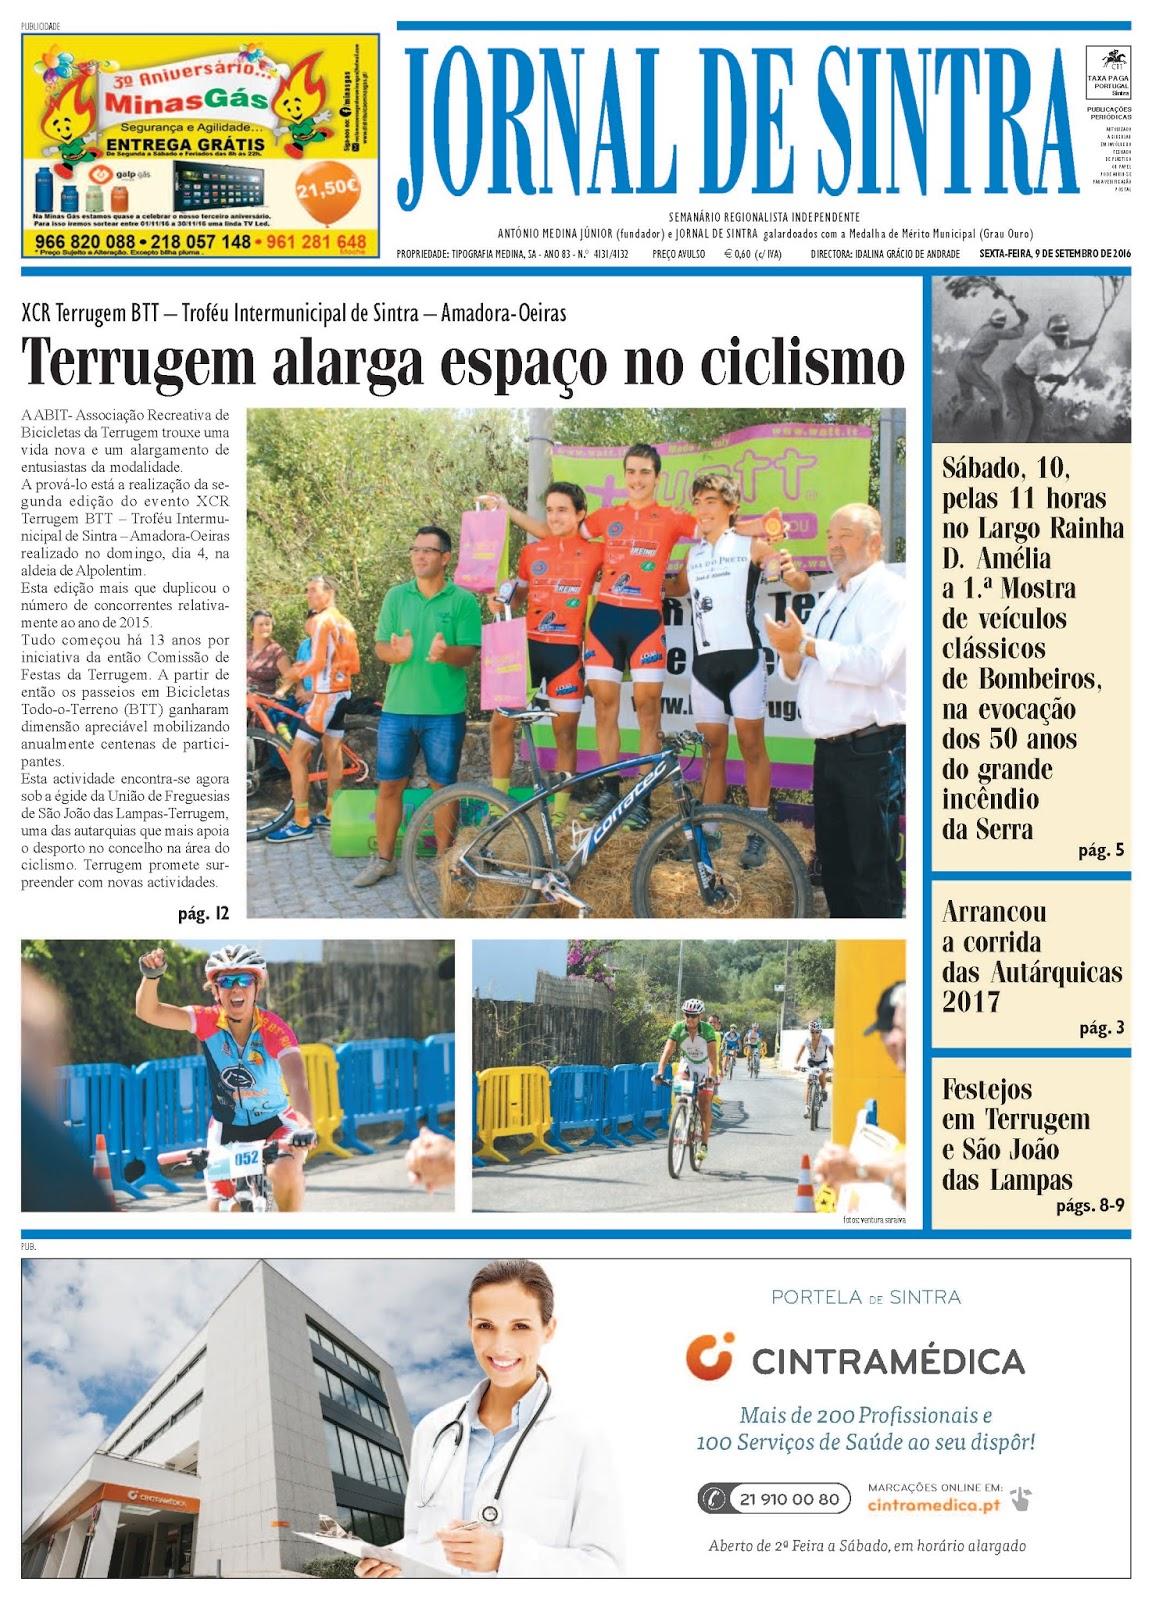 Capa da edição de 09-09-2016